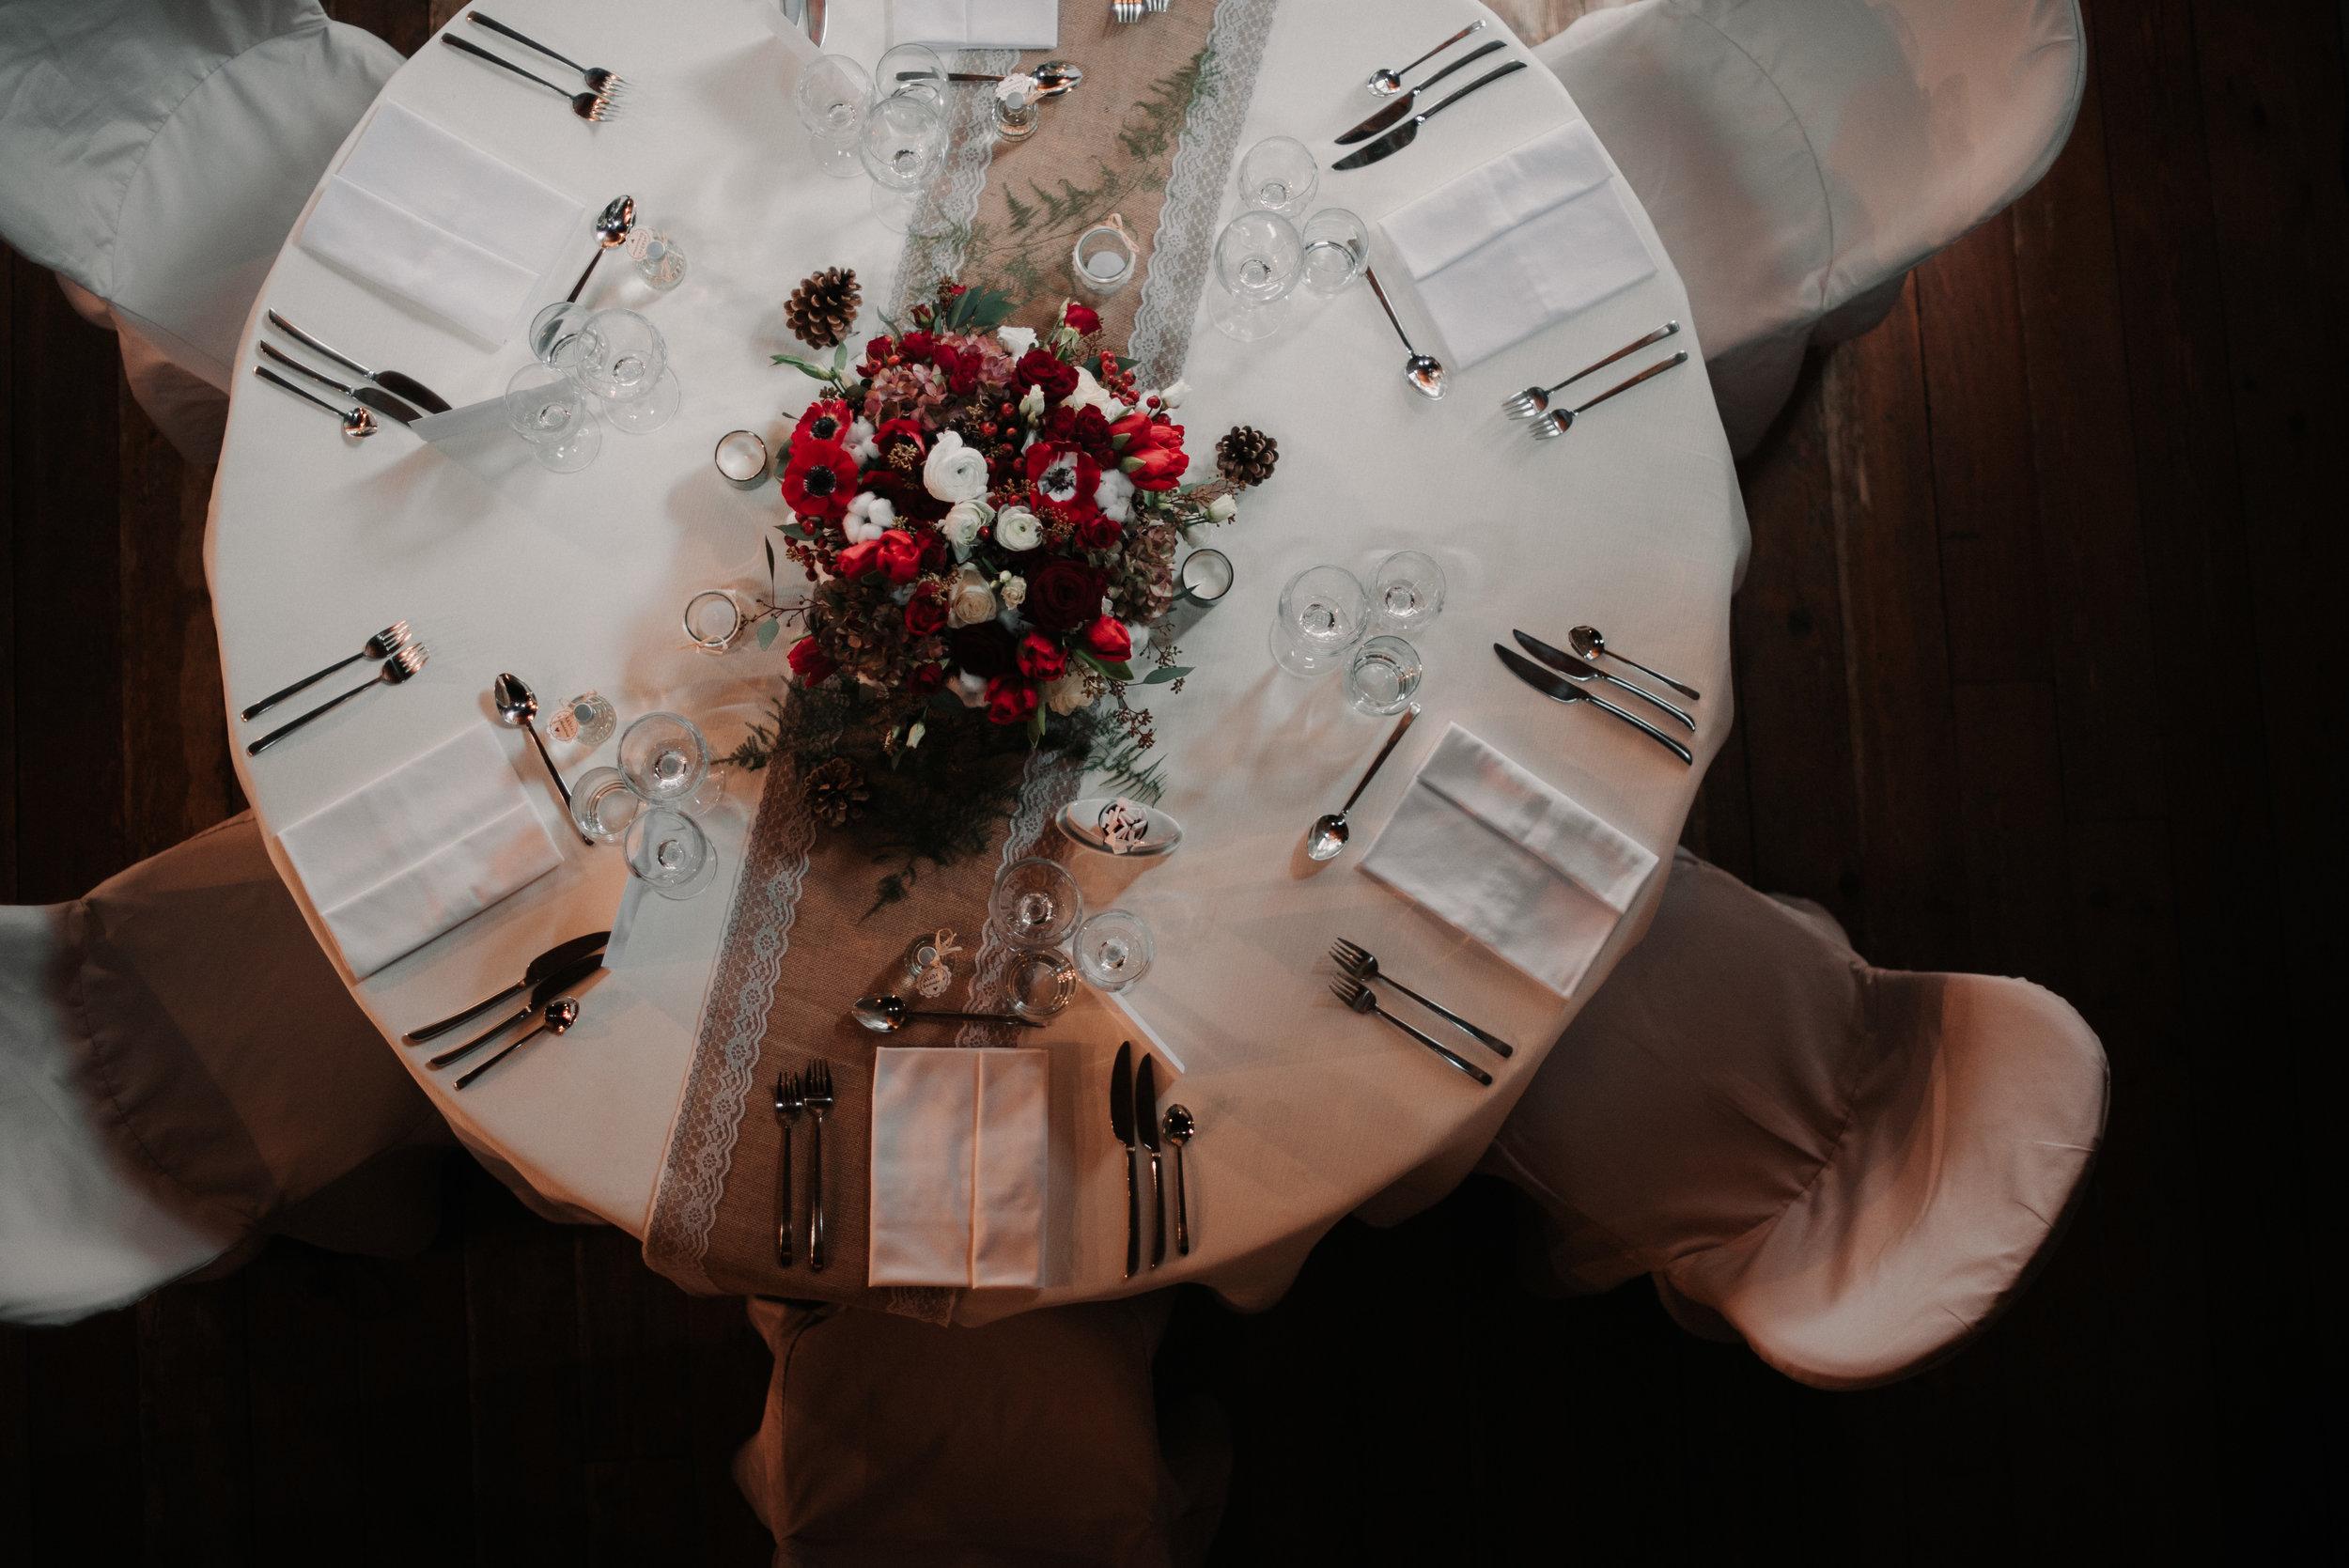 Léa-Fery-photographe-professionnel-lyon-rhone-alpes-portrait-creation-mariage-evenement-evenementiel-famille-6465.jpg